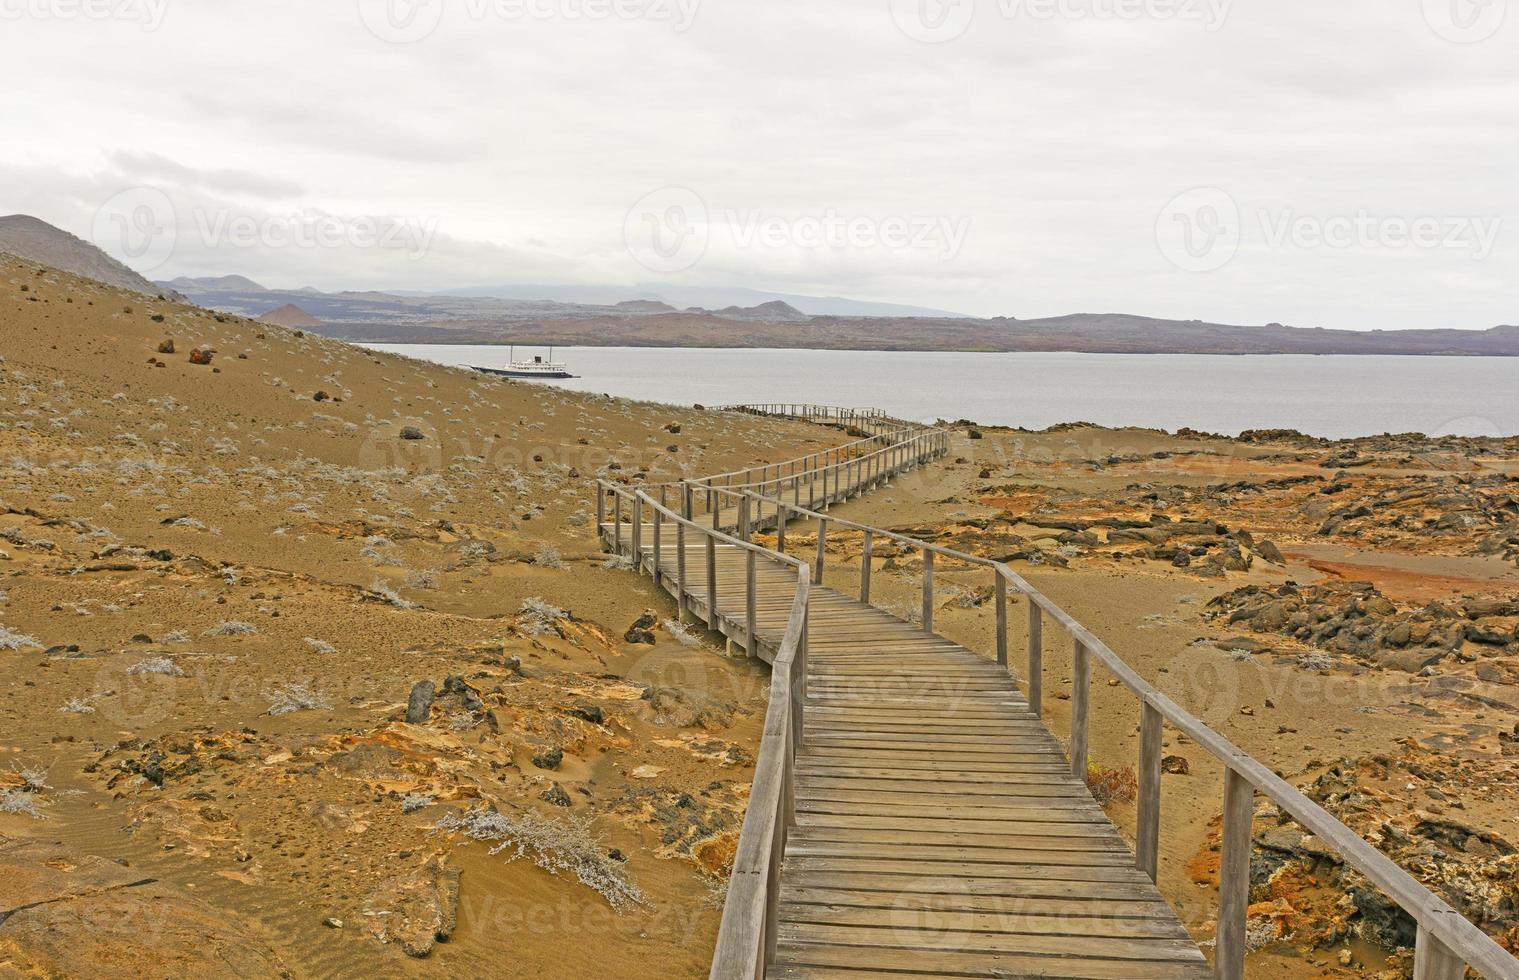 lungomare verso l'oceano su un'isola vulcanica foto